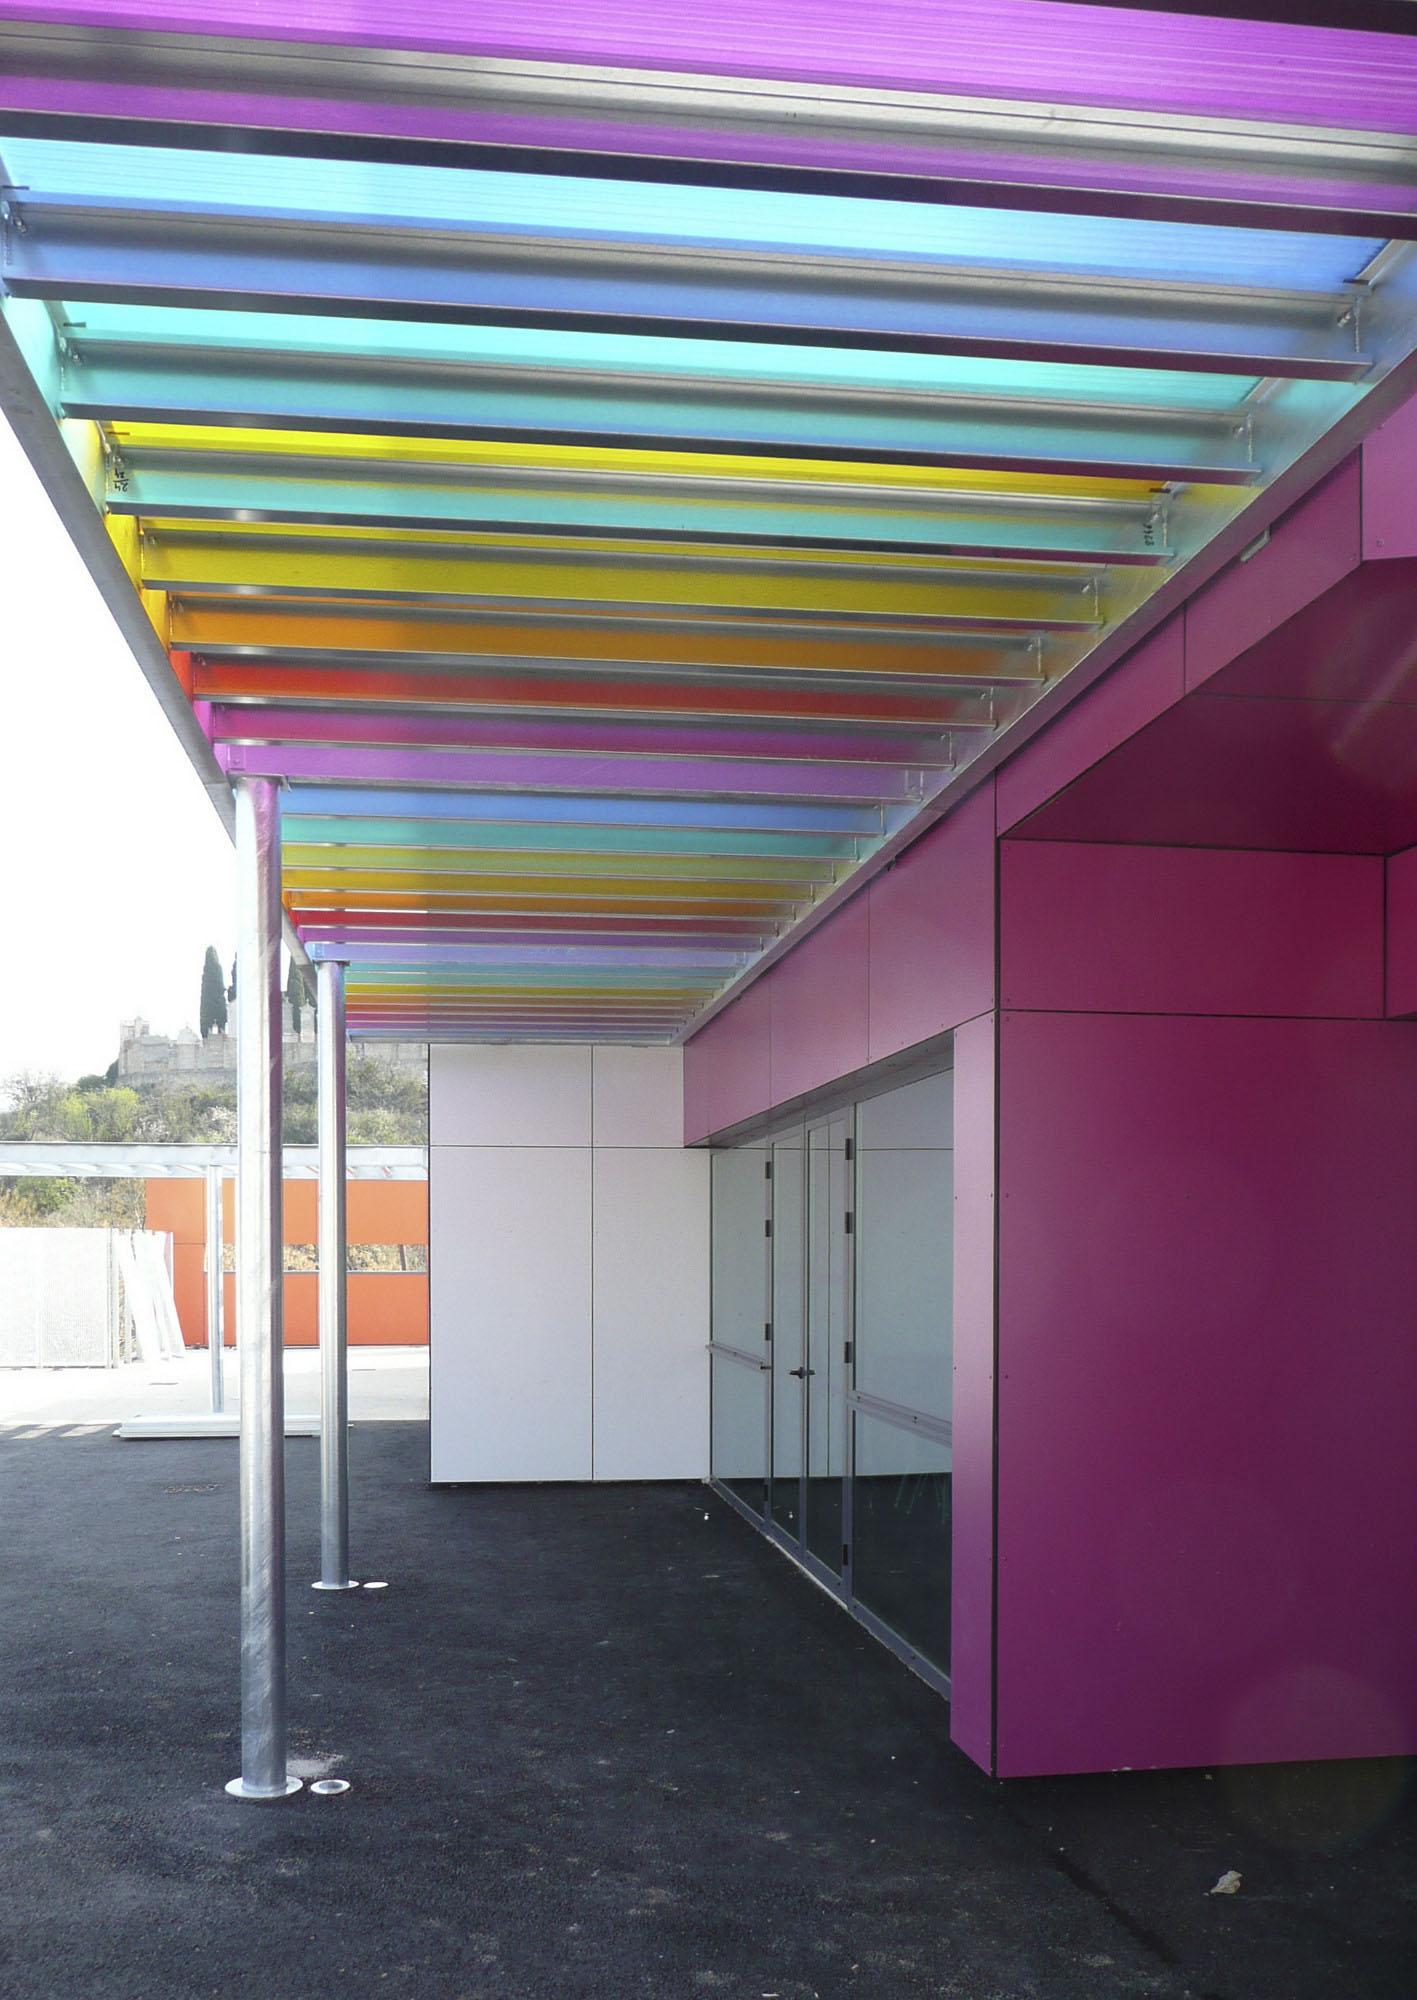 Maison de quartier Béziers BF Architecture 6